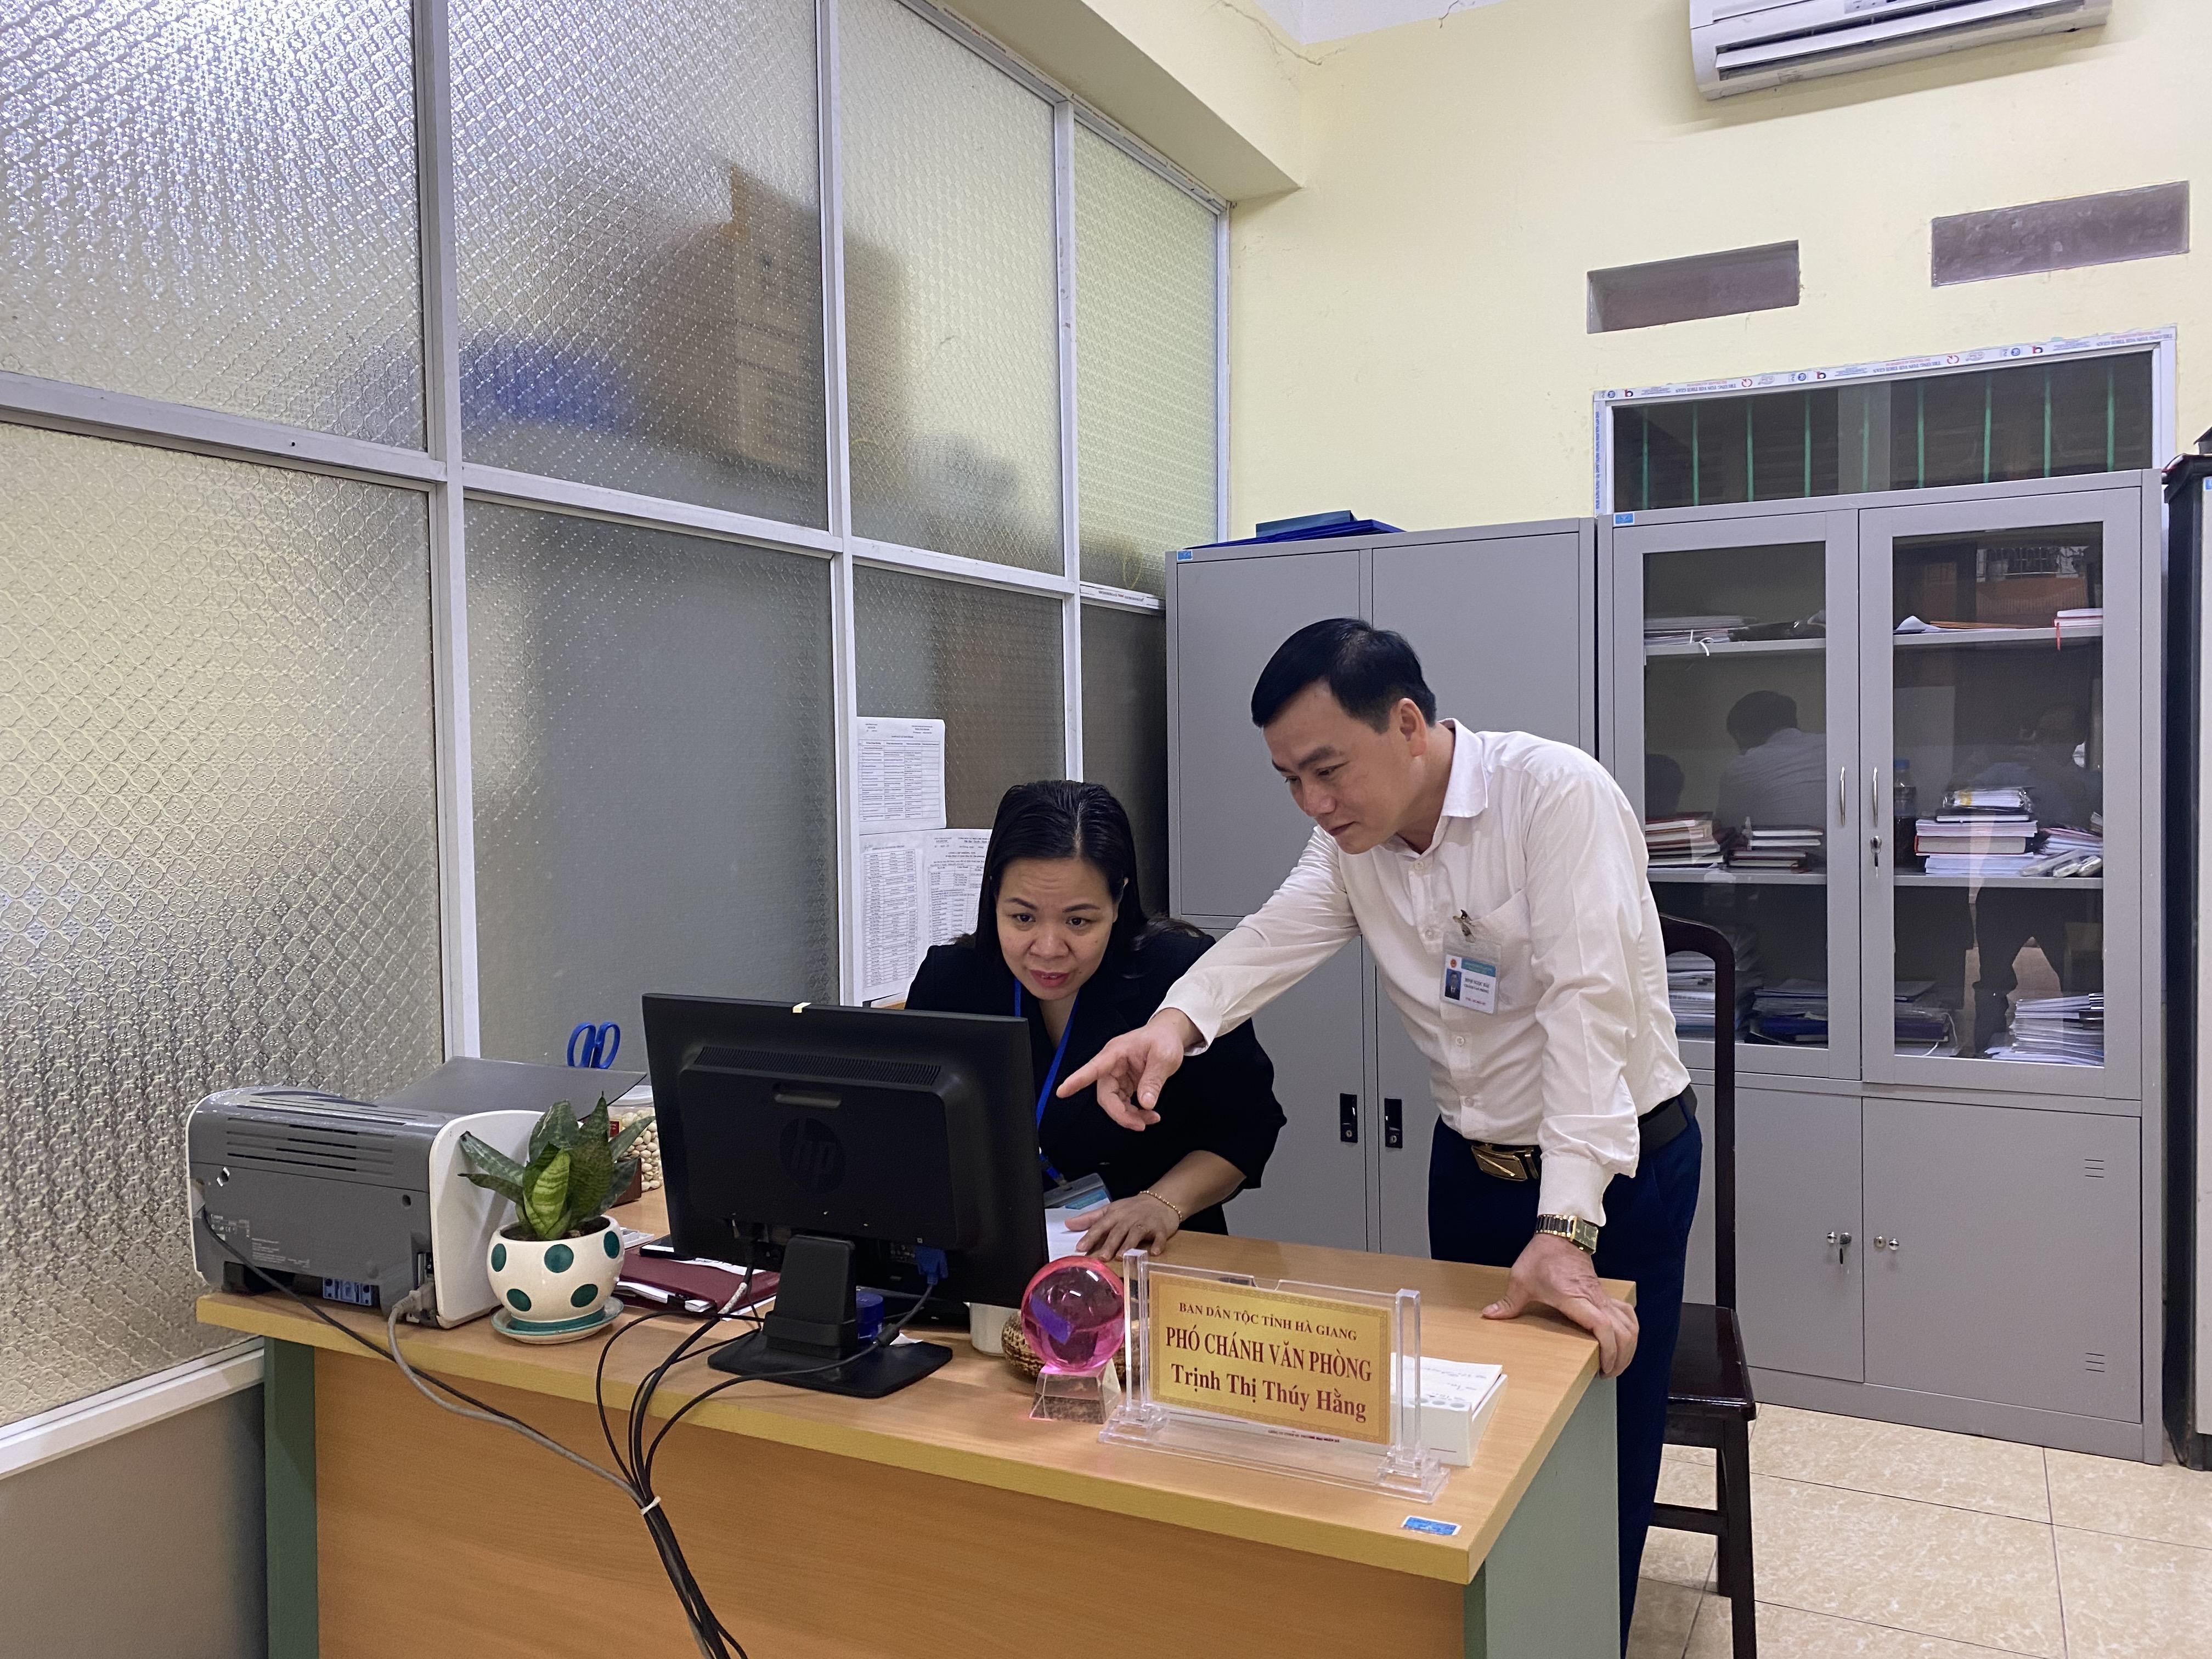 Đẩy mạnh ứng dụng CNTT ở Ban Dân tộc tỉnh Hà Giang từng bước nâng cao chất lượng tham mưu, thực hiện chính sách dân tộc.